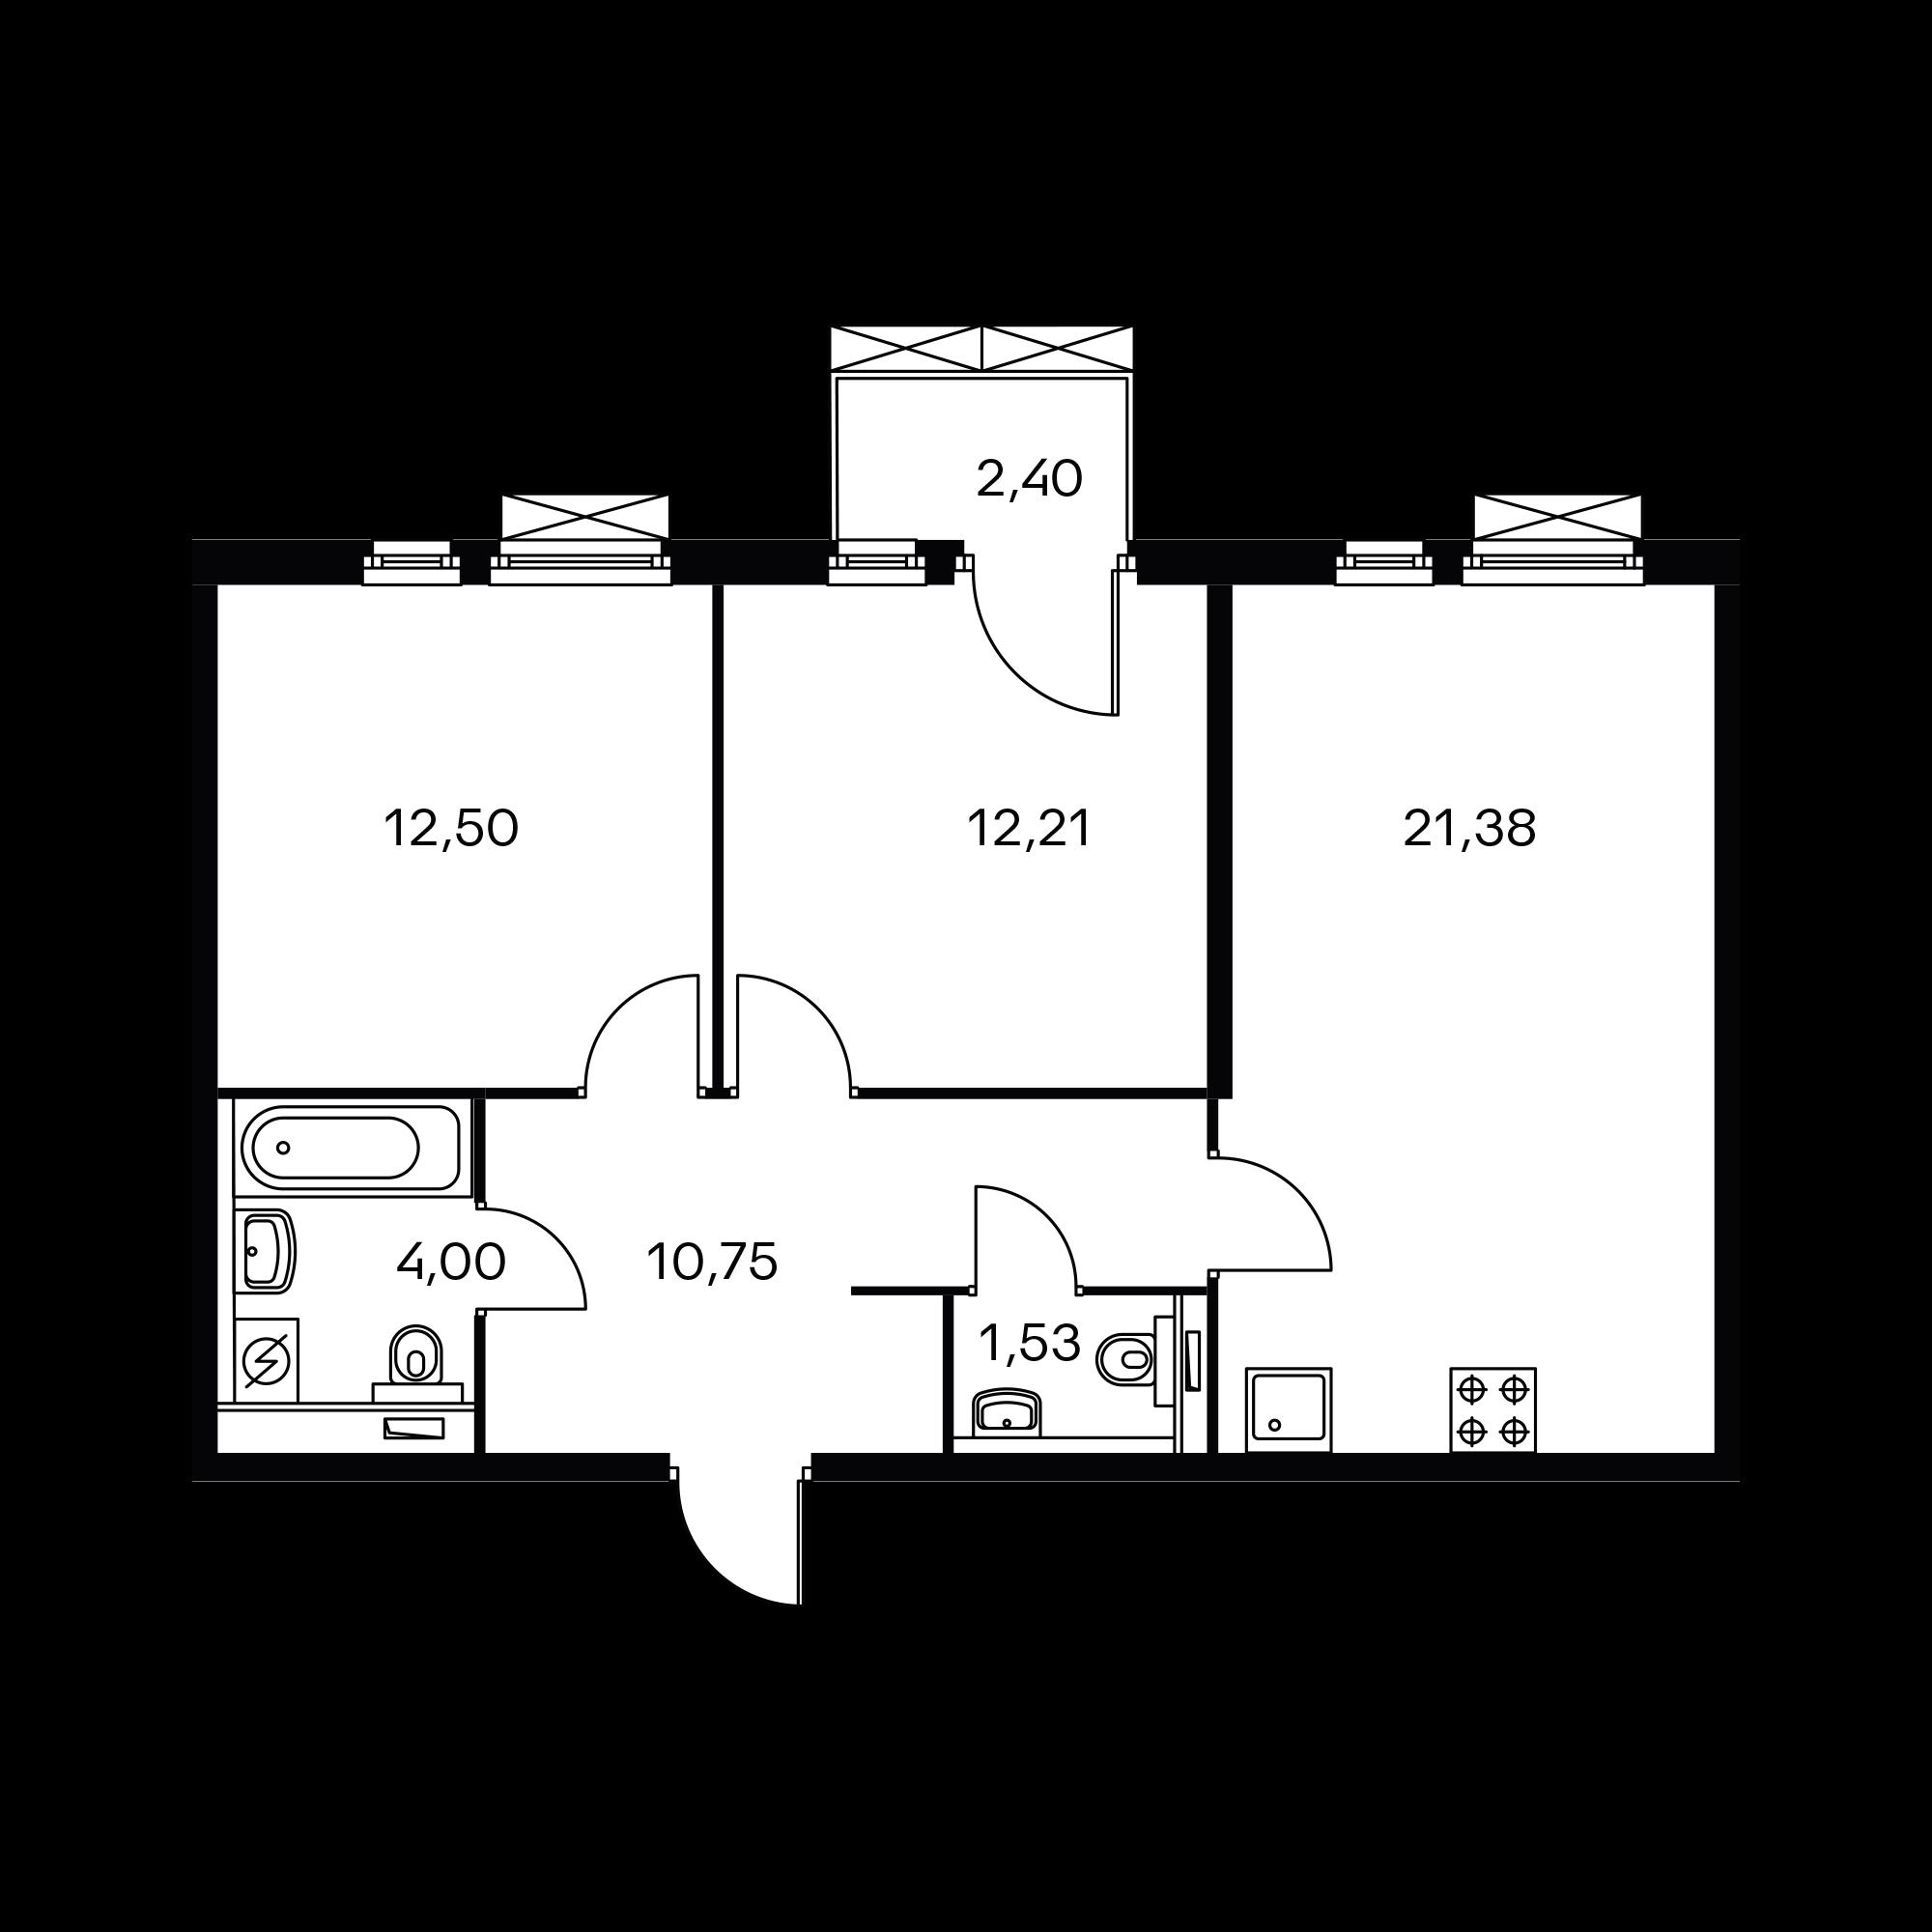 2EL8_10.8-1_B_S_Z1